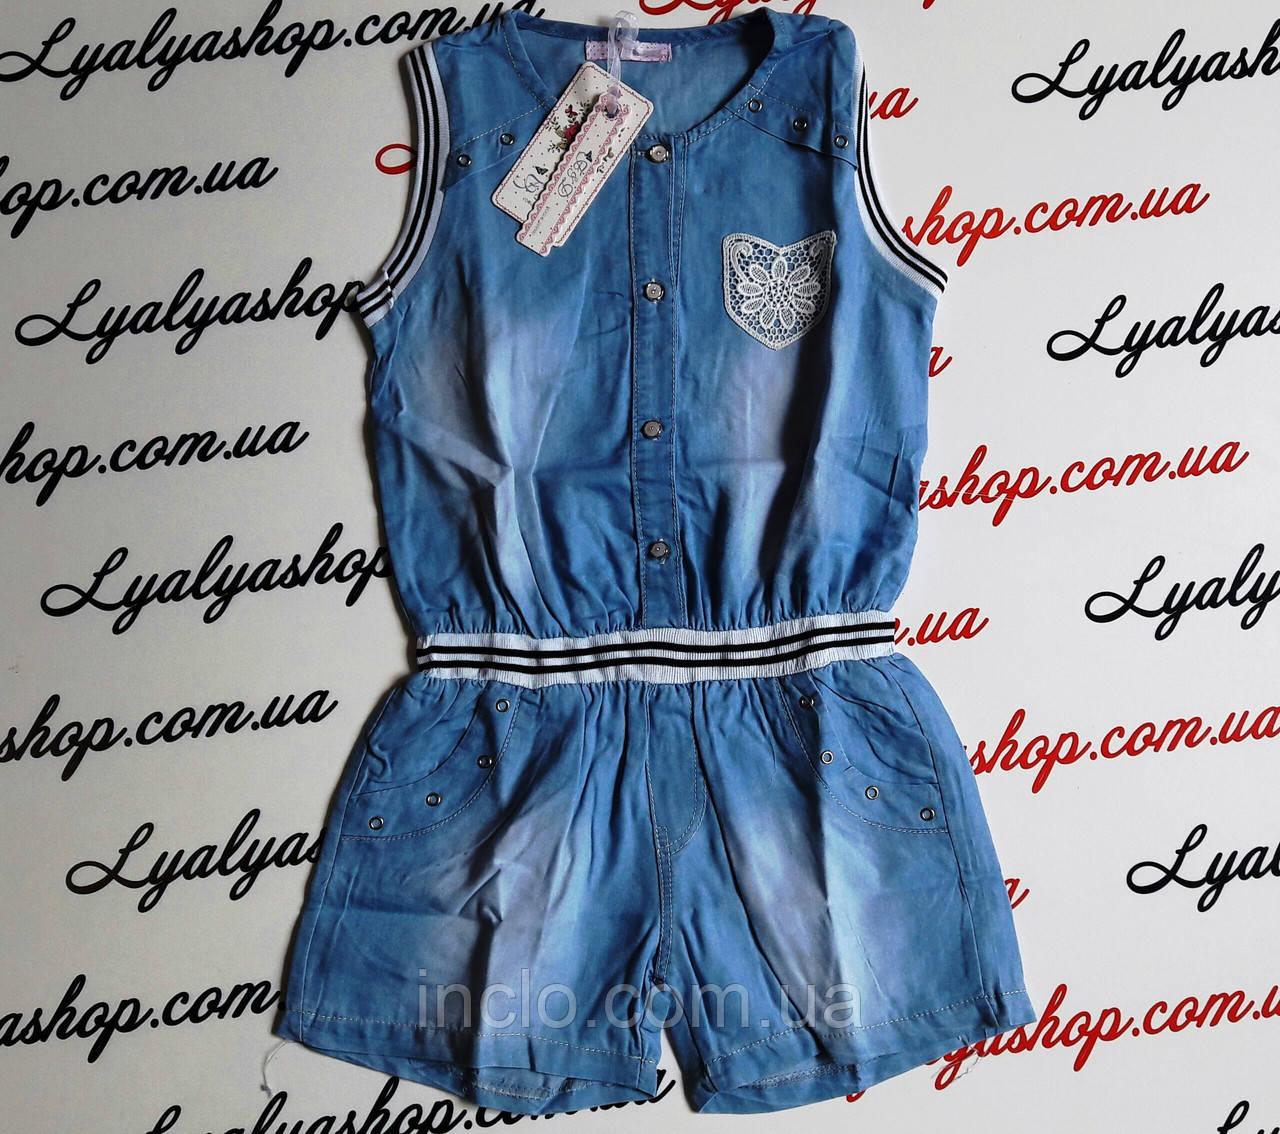 Джинсовый комбинезон для девочки р. 8-16 лет - Оптовый магазин детской одежды Ляля-шоп!   в Одессе